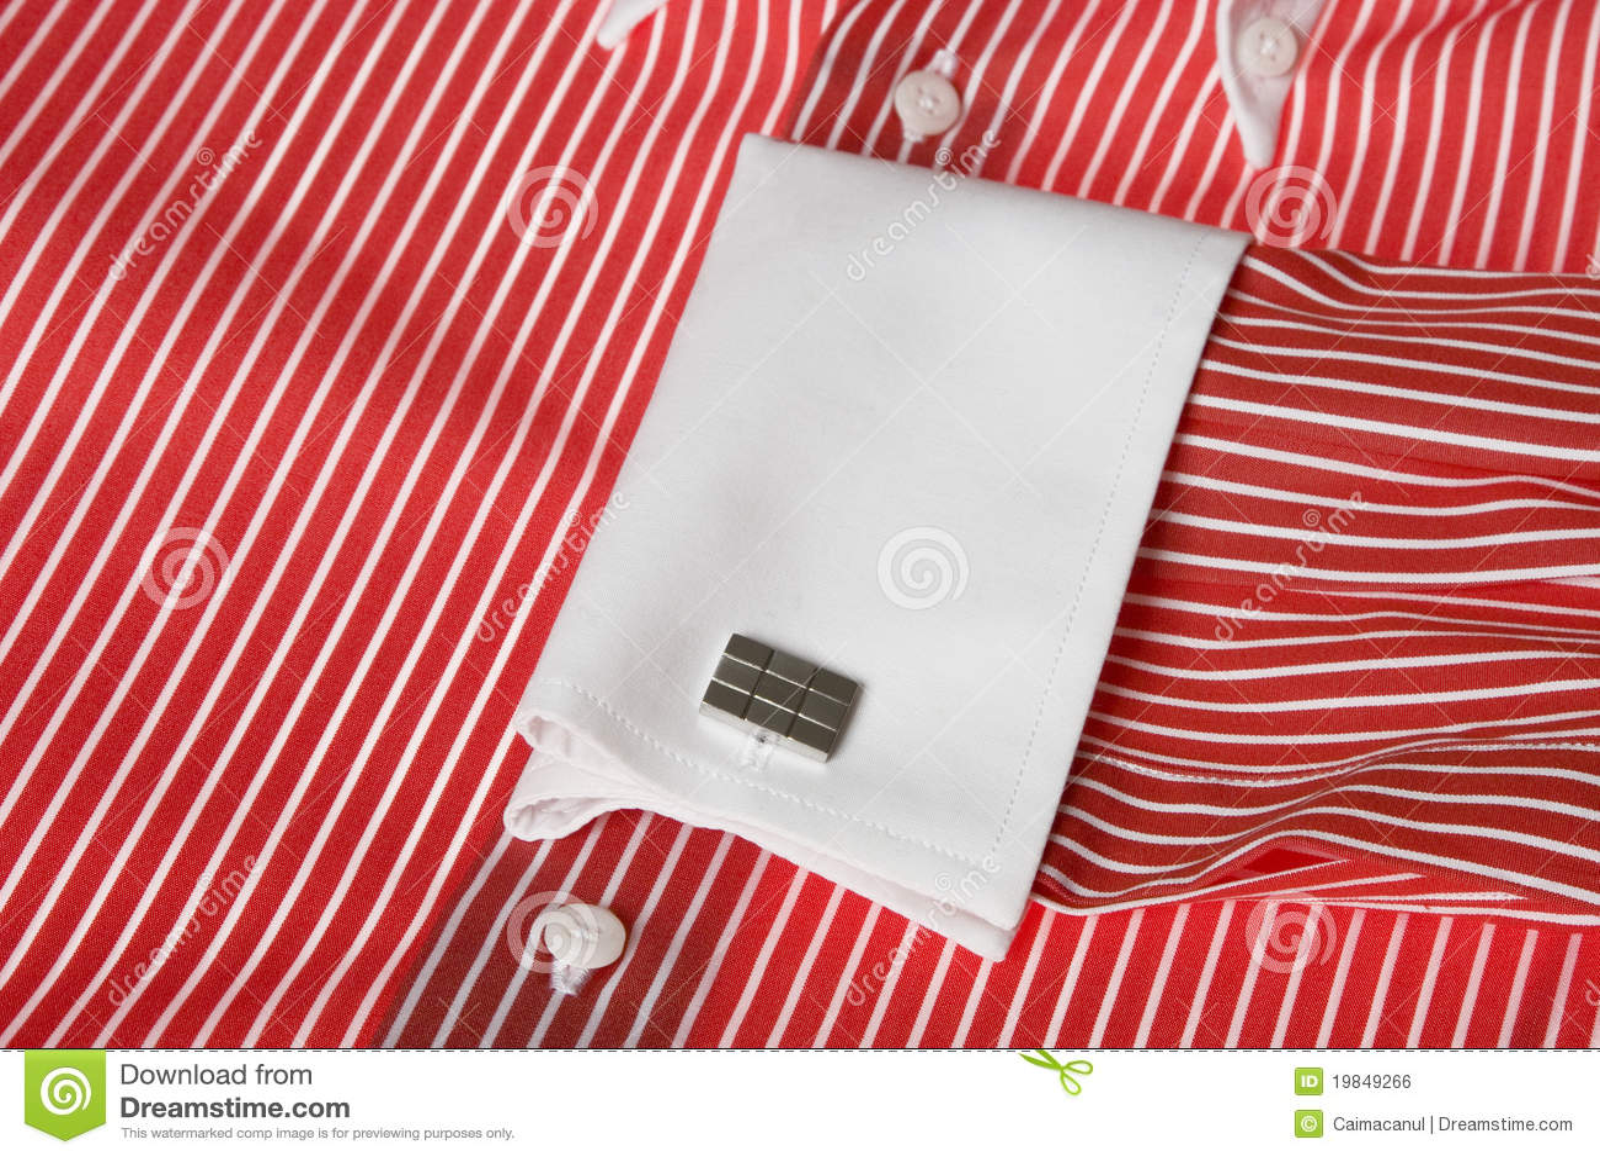 Rode Overhemd.Manchetknoop Op Het Rode Overhemd Van Mensen Stock Foto Afbeelding